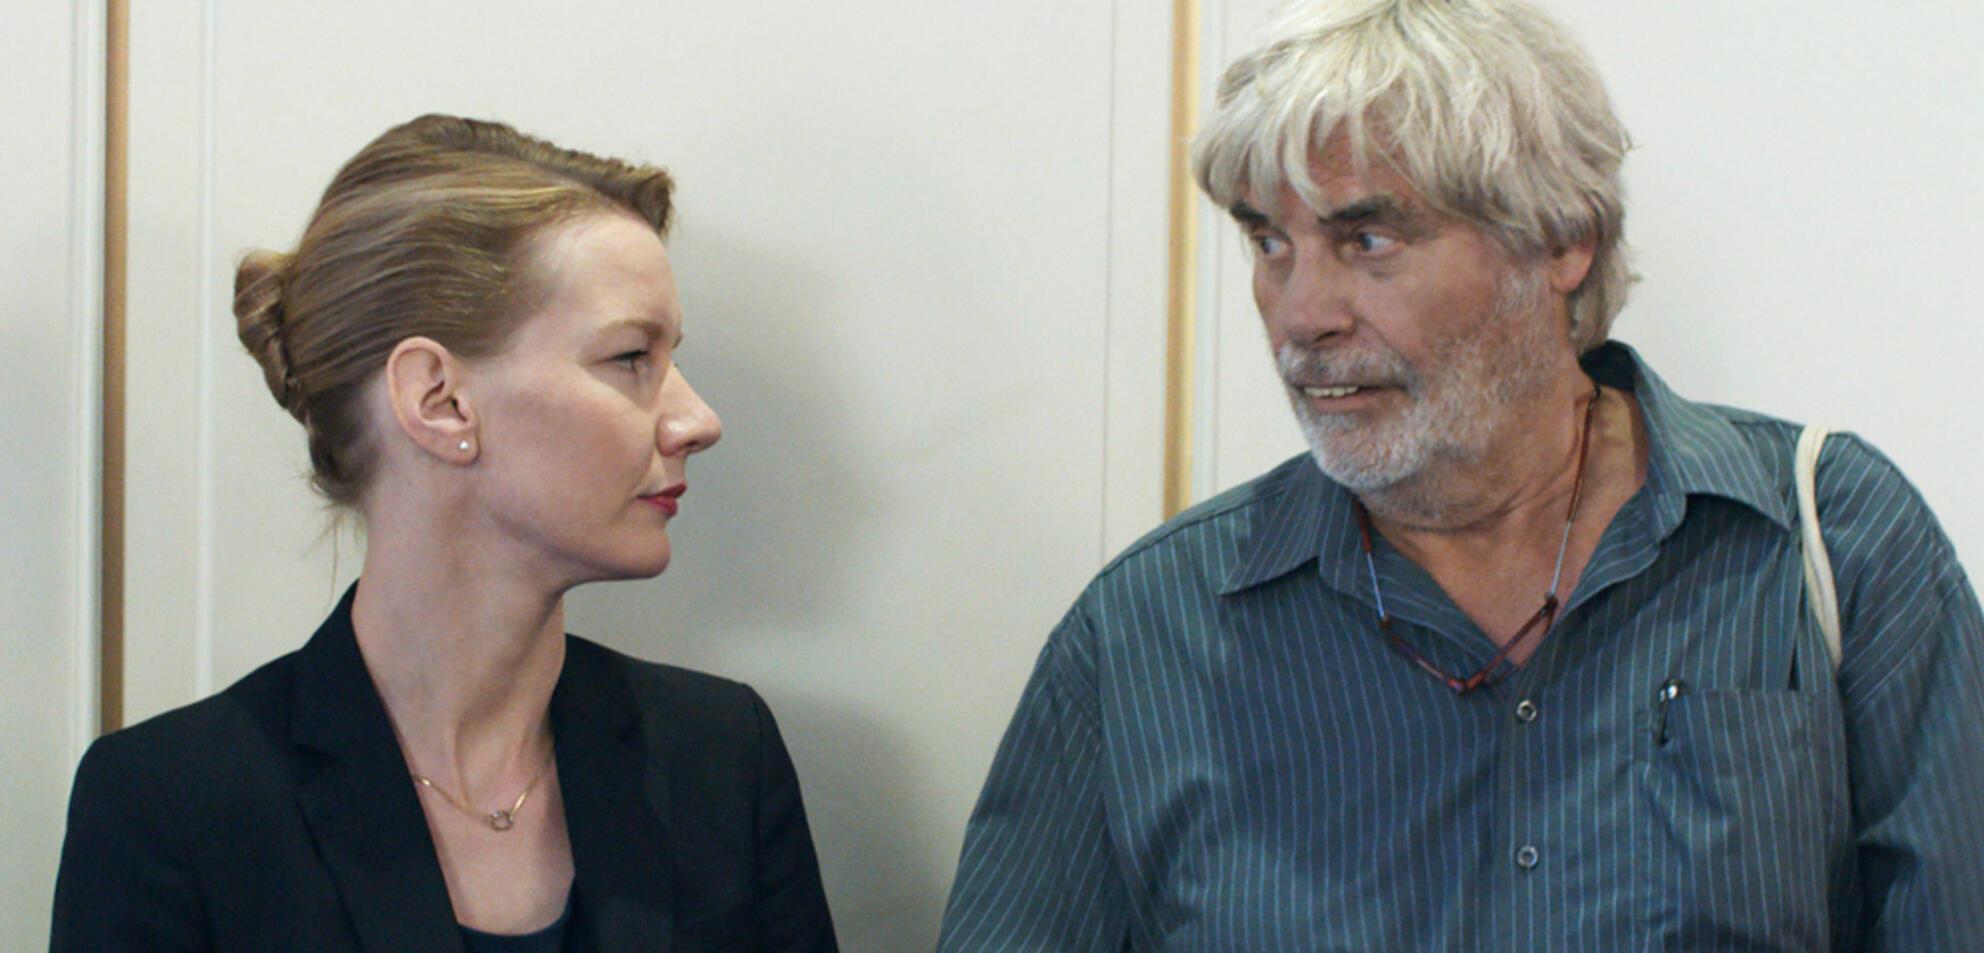 Toni Erdmann als bester europäischer Film ausgezeichnet - DER SPIEGEL